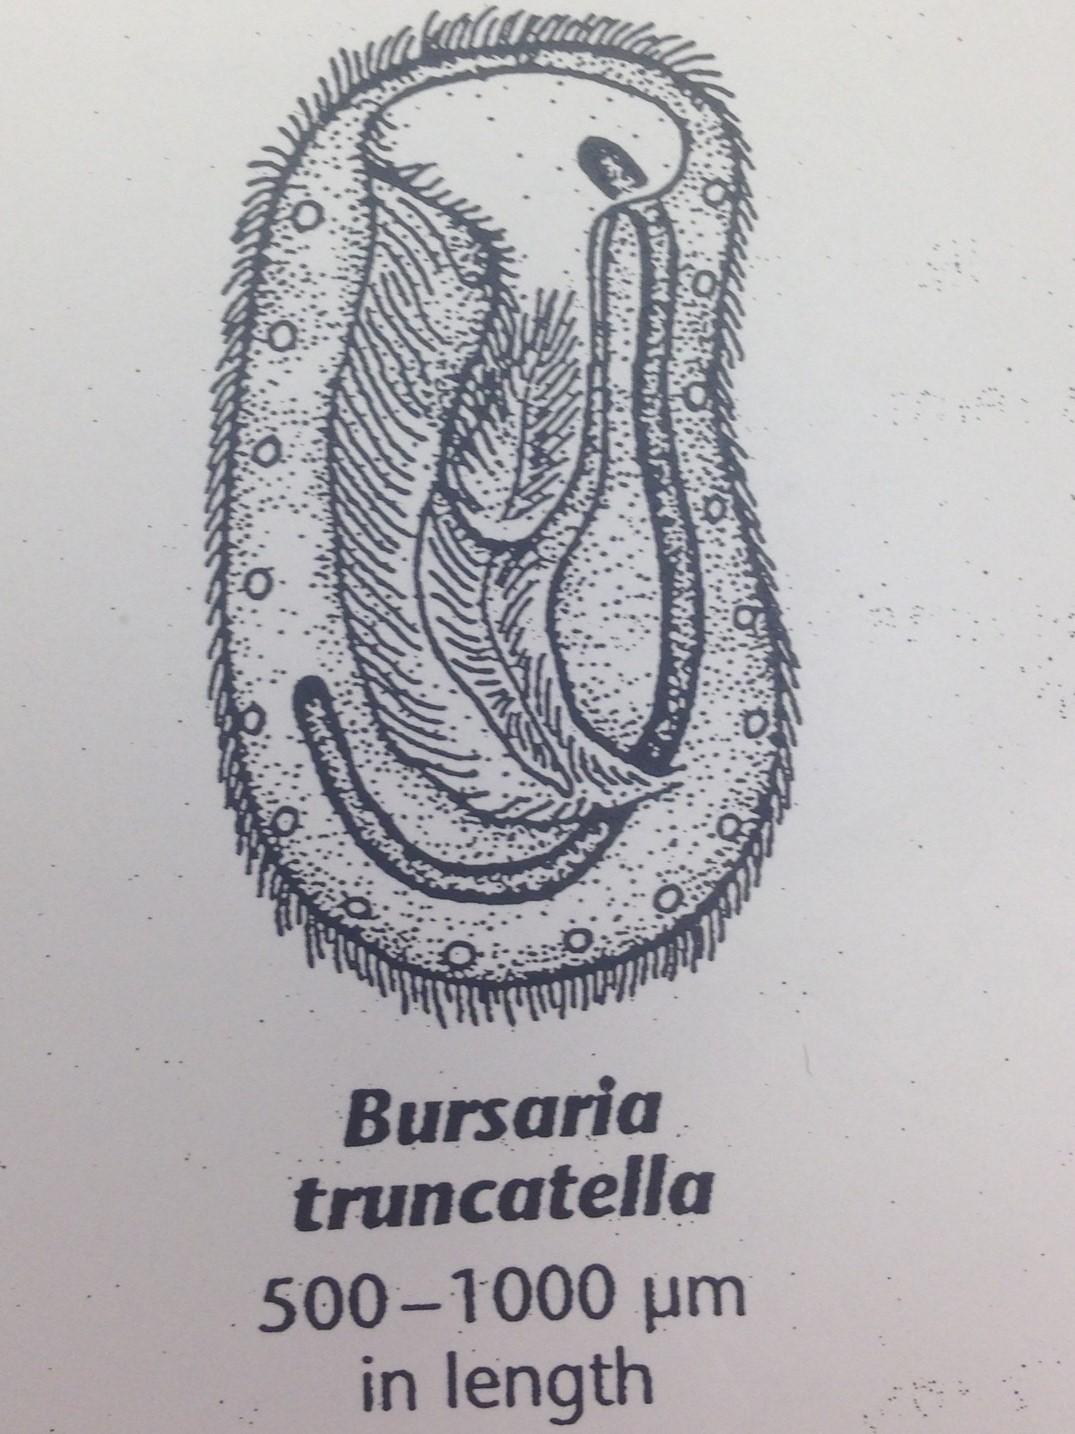 Bursaria truncatella isabelle 2.jpg